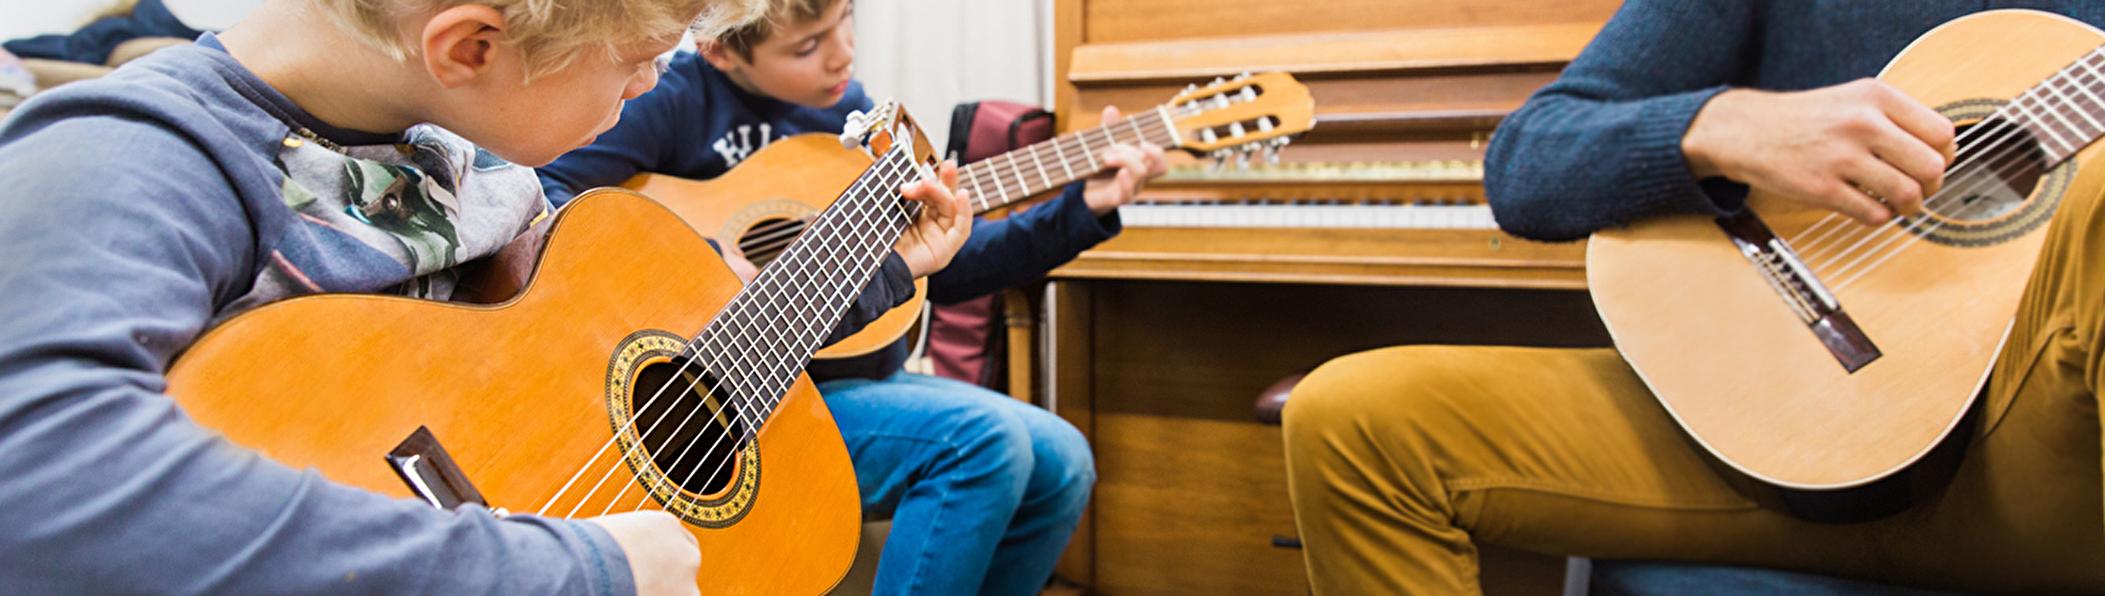 zwei Kinder am Gitarre spielen, begleitet vom Gitarren Lehrer